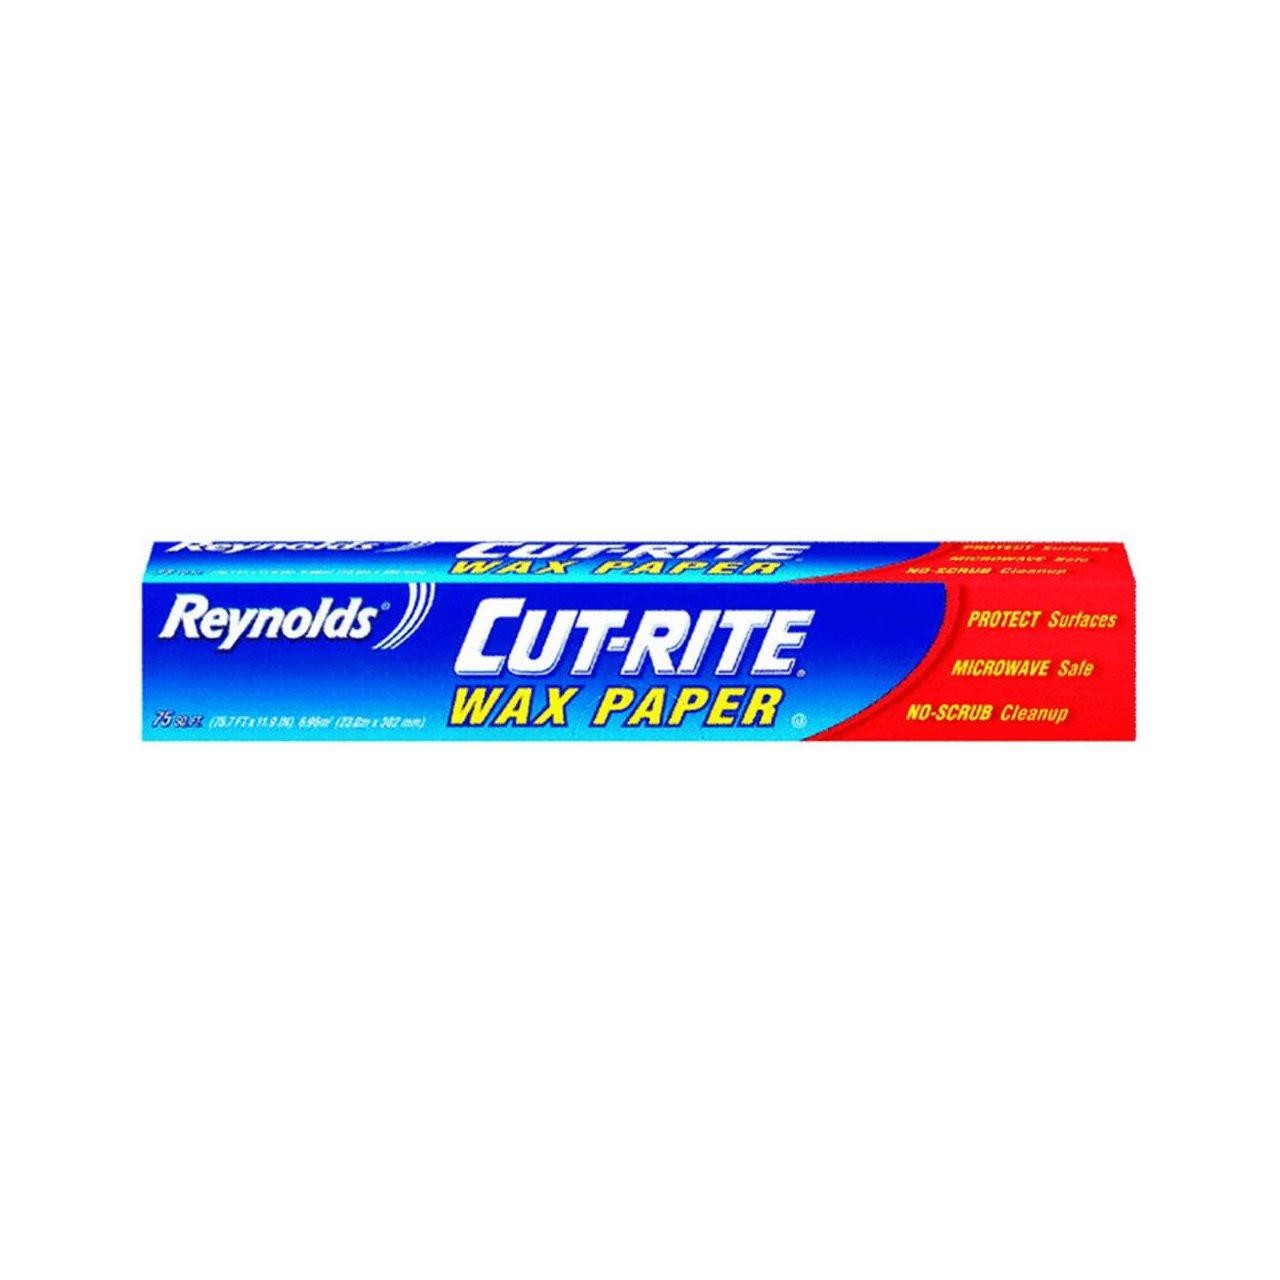 75 Sq. Ft. Reynolds Cut-Rite Wax Paper $1.29 w/ S&S + Free S/H